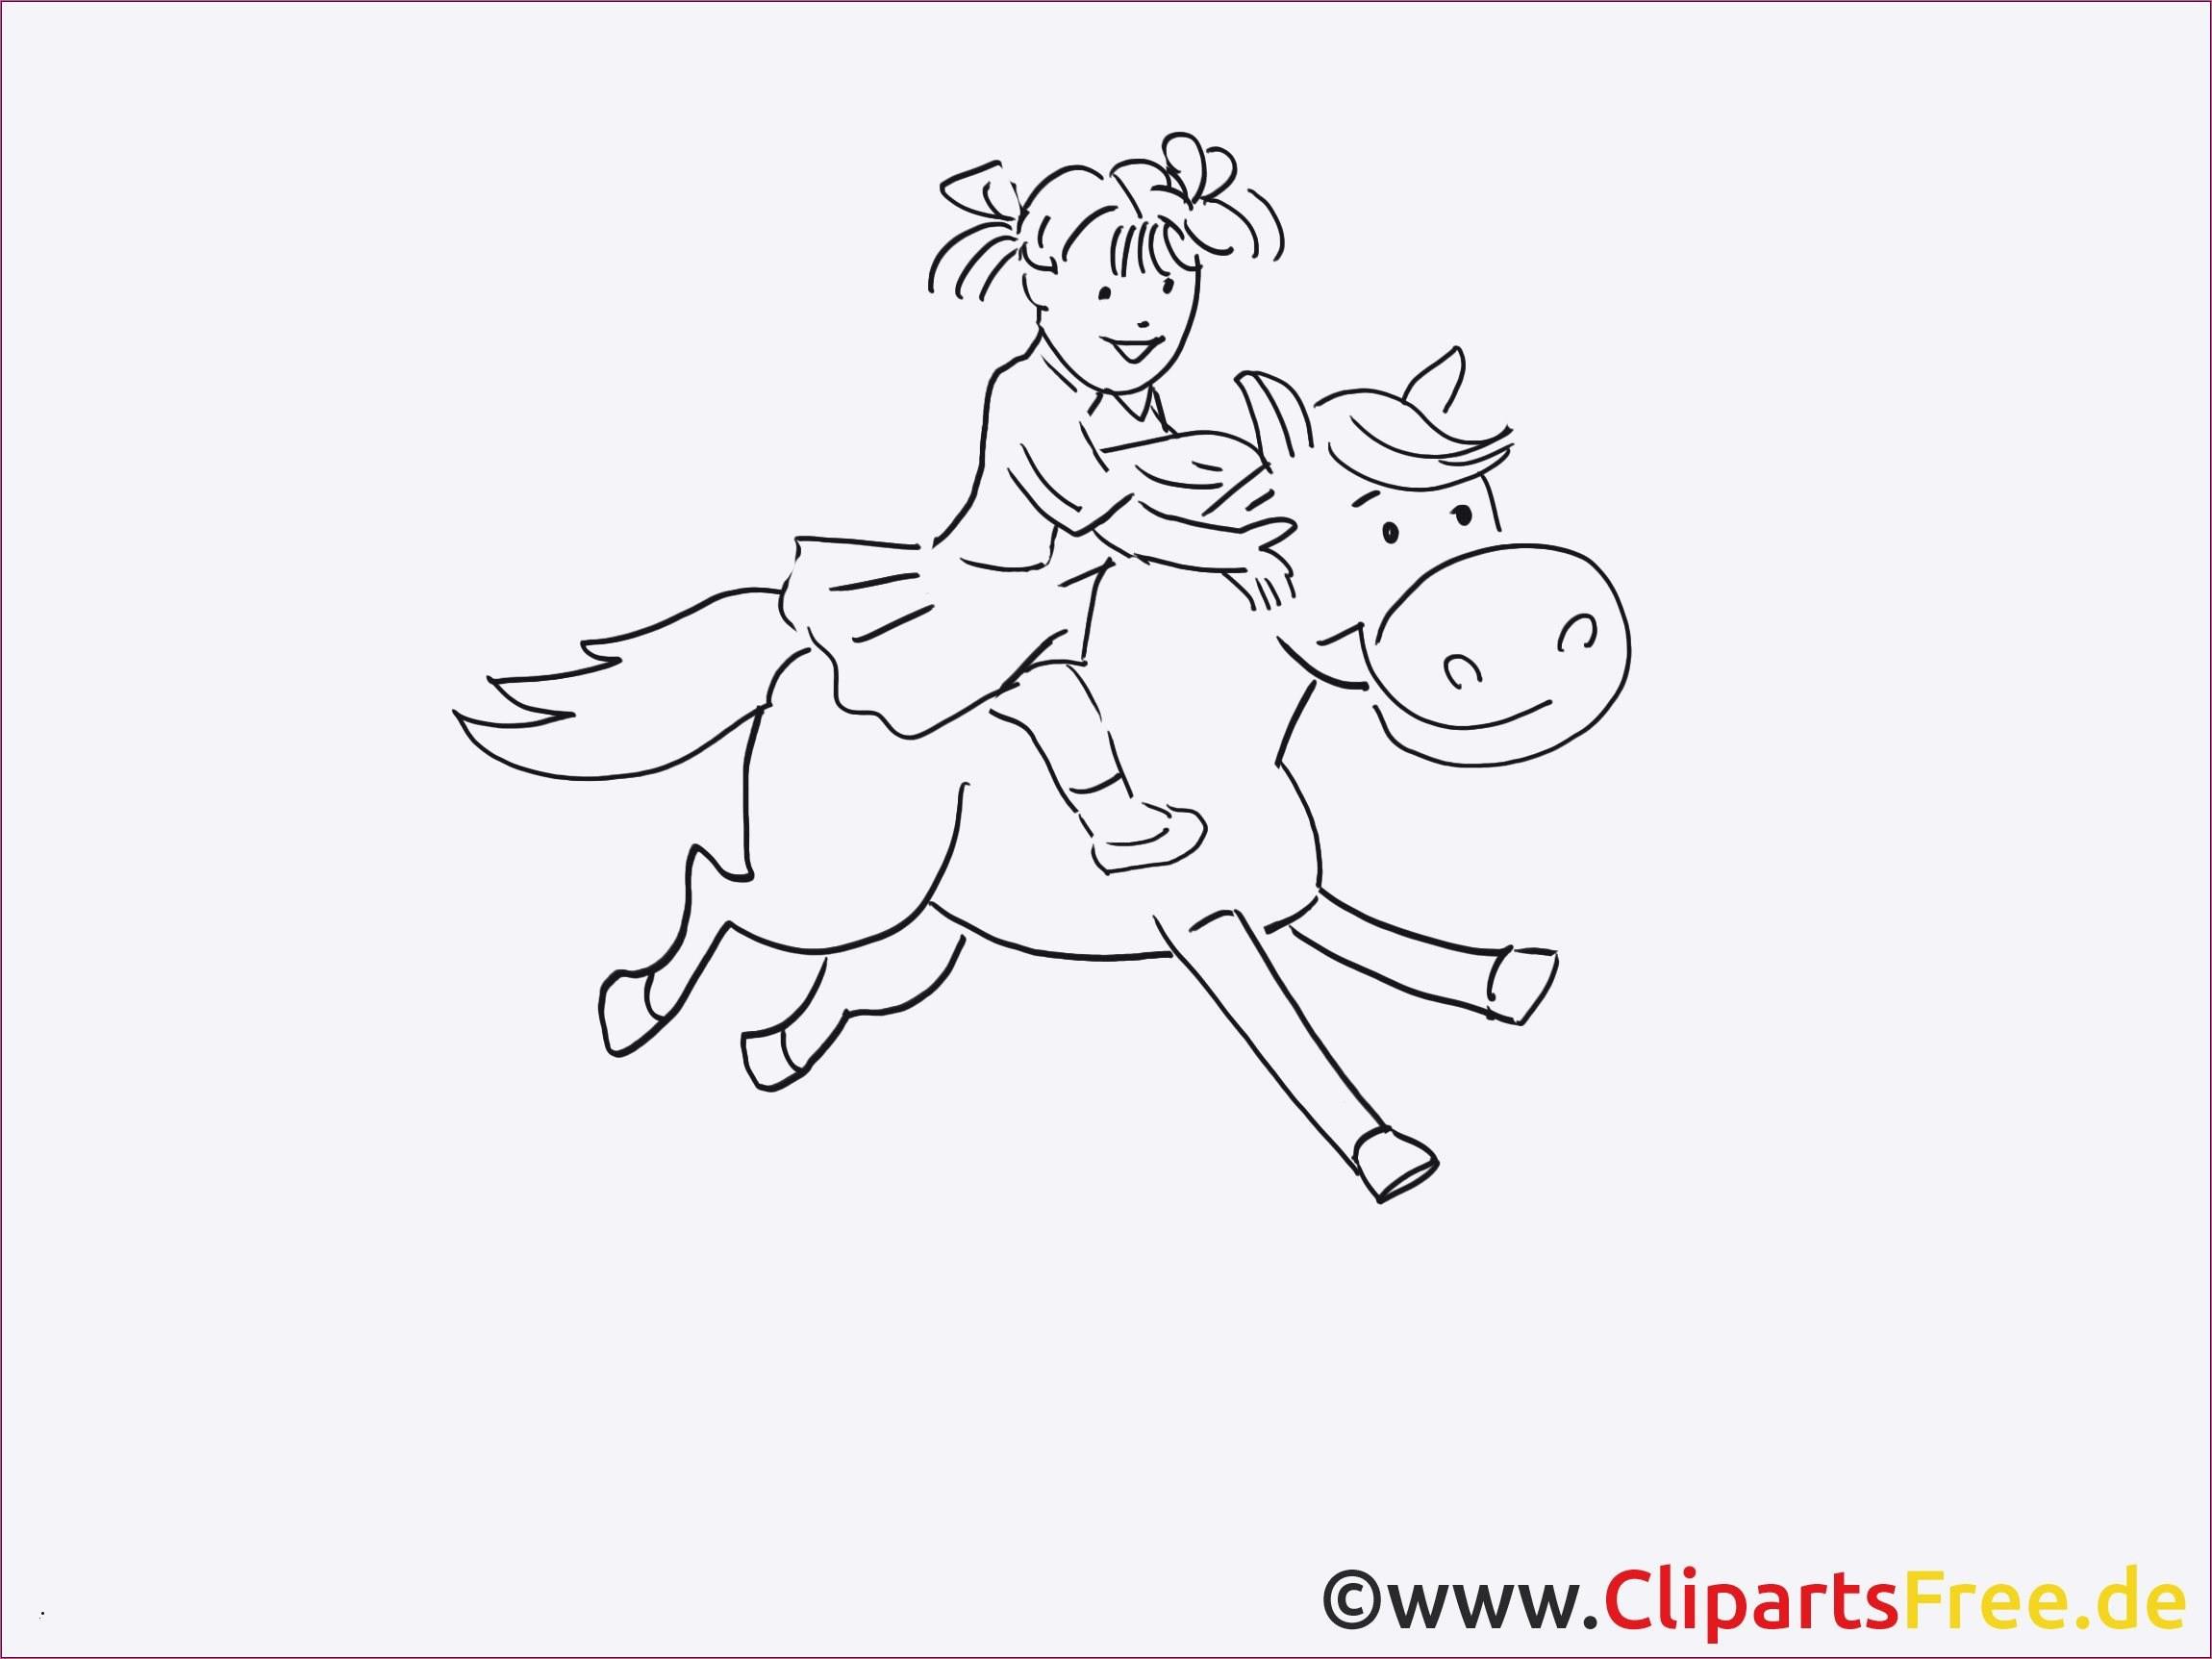 Ausmalbilder Von Bibi Und Tina Genial 40 Entwurf Malvorlagen Bibi Und Tina Mit Pferd Treehouse Nyc Stock